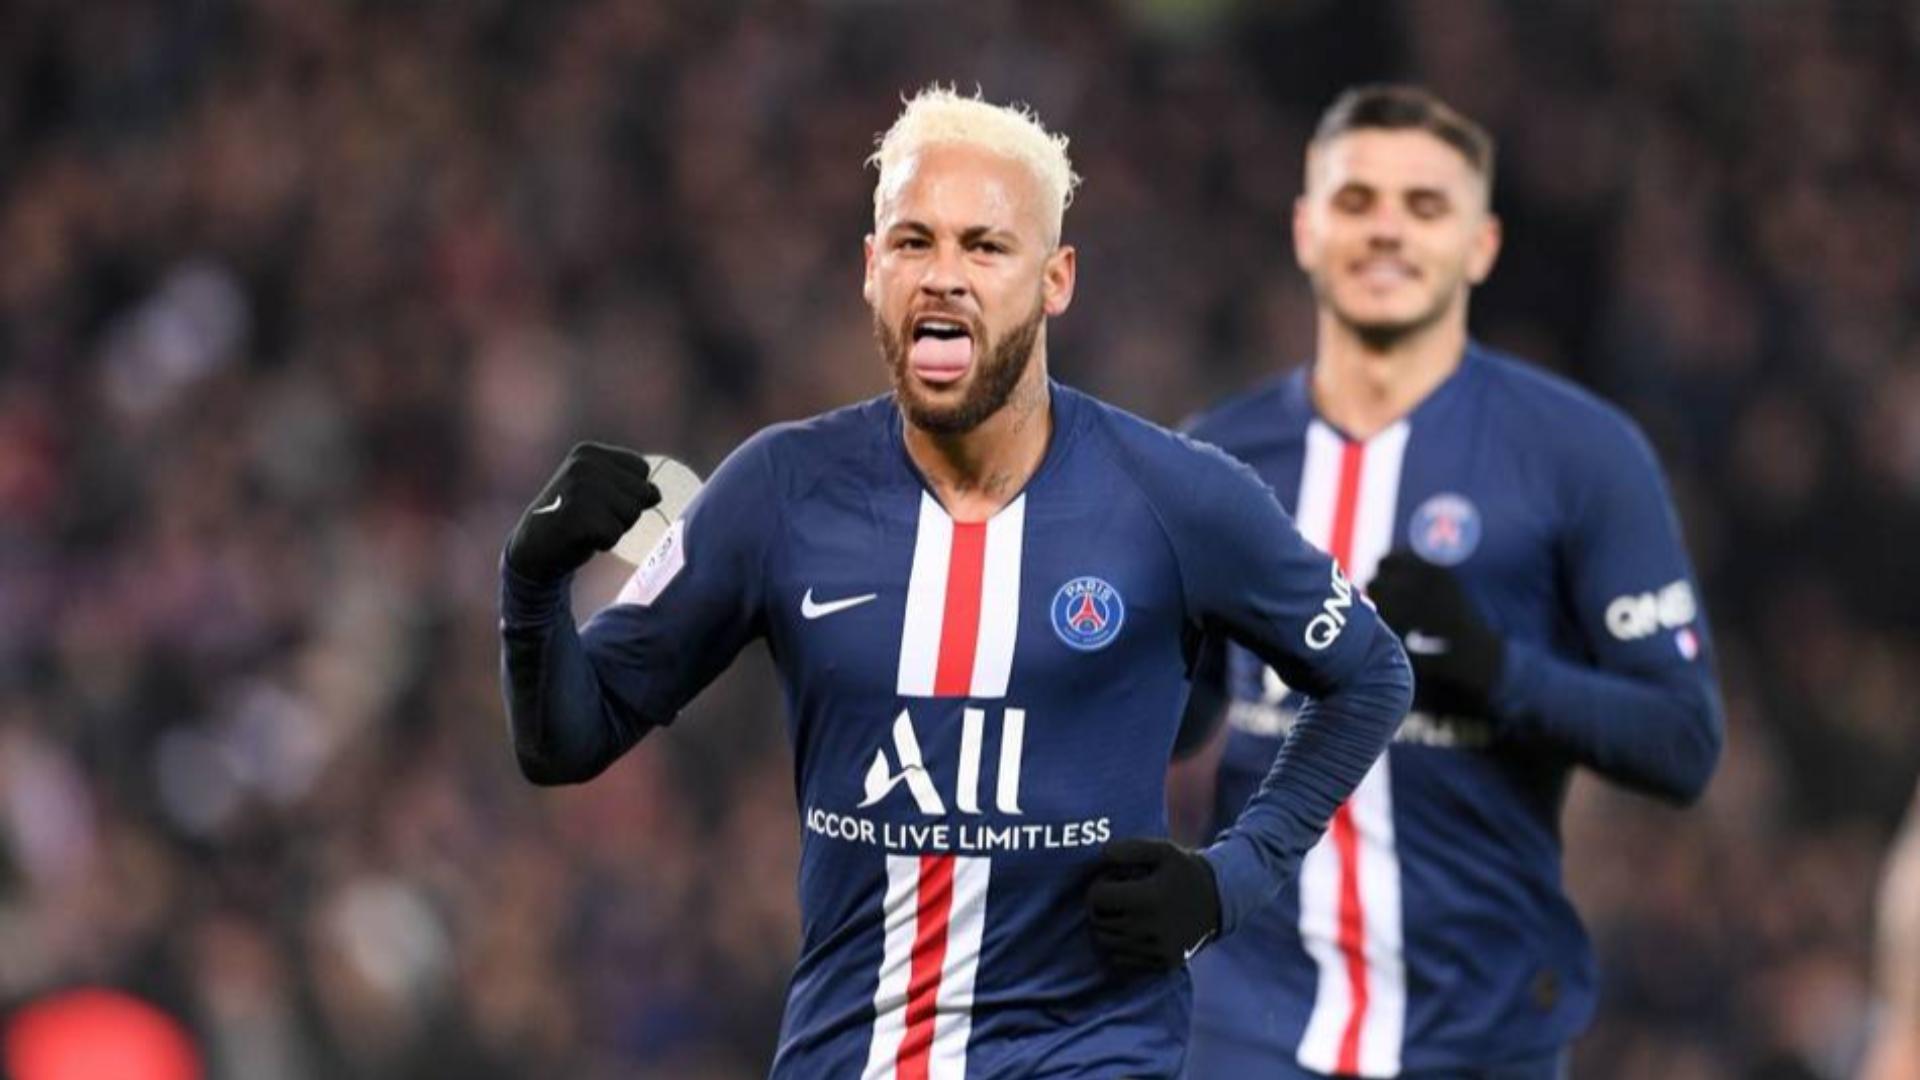 2019-2020赛季法甲第19轮 巴黎圣日耳曼vs摩纳哥 全场集锦